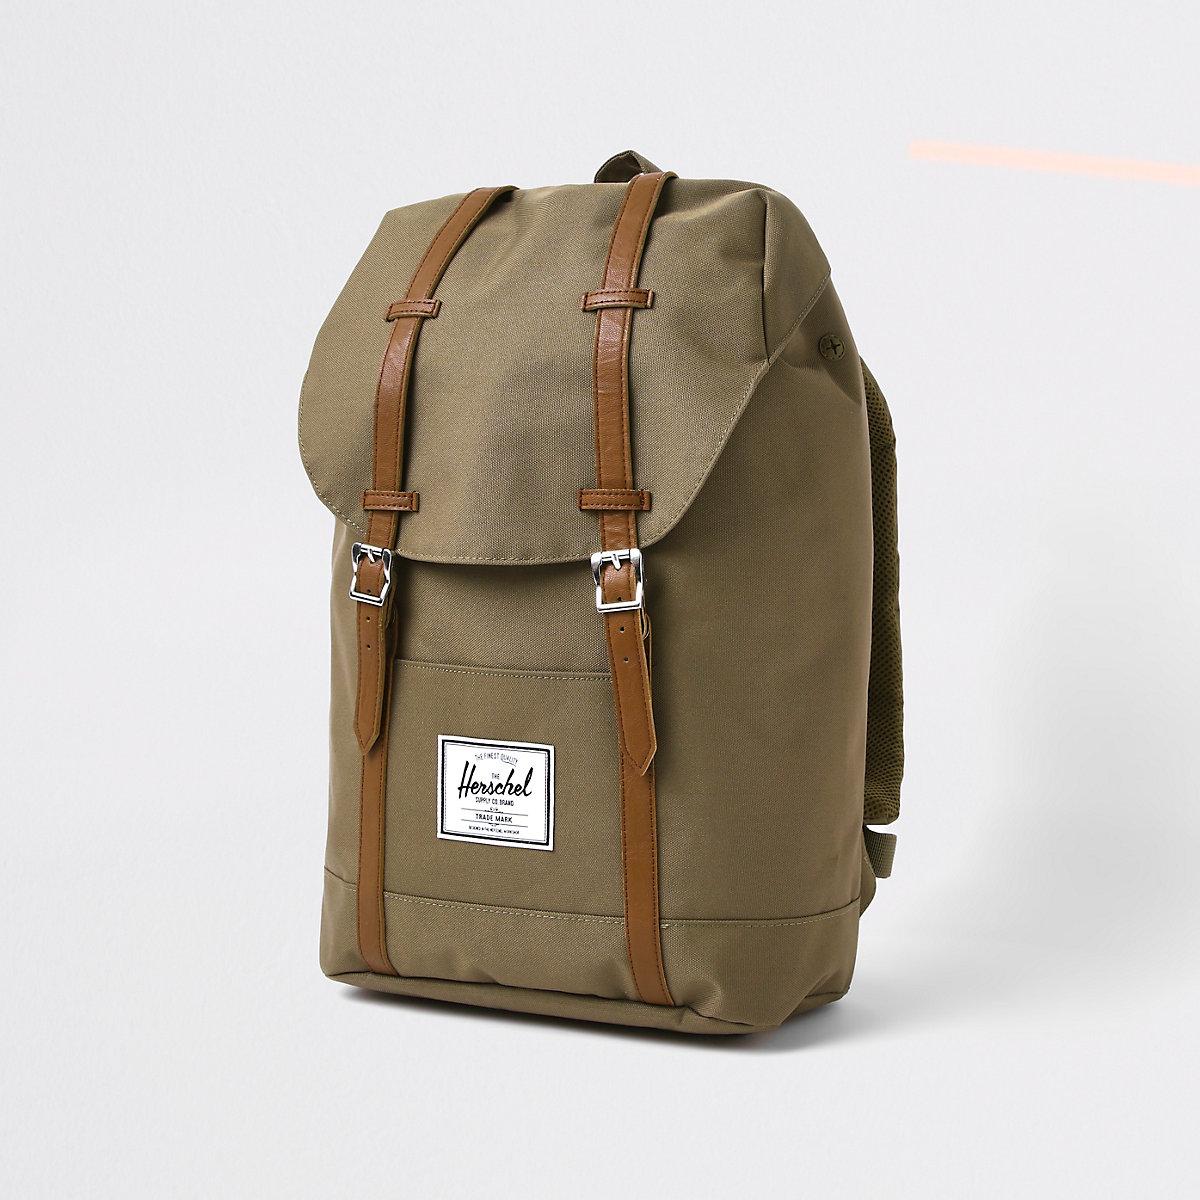 7c080543a6b6 Herschel stone Retreat stone backpack - Backpacks   Rucksacks - Bags ...